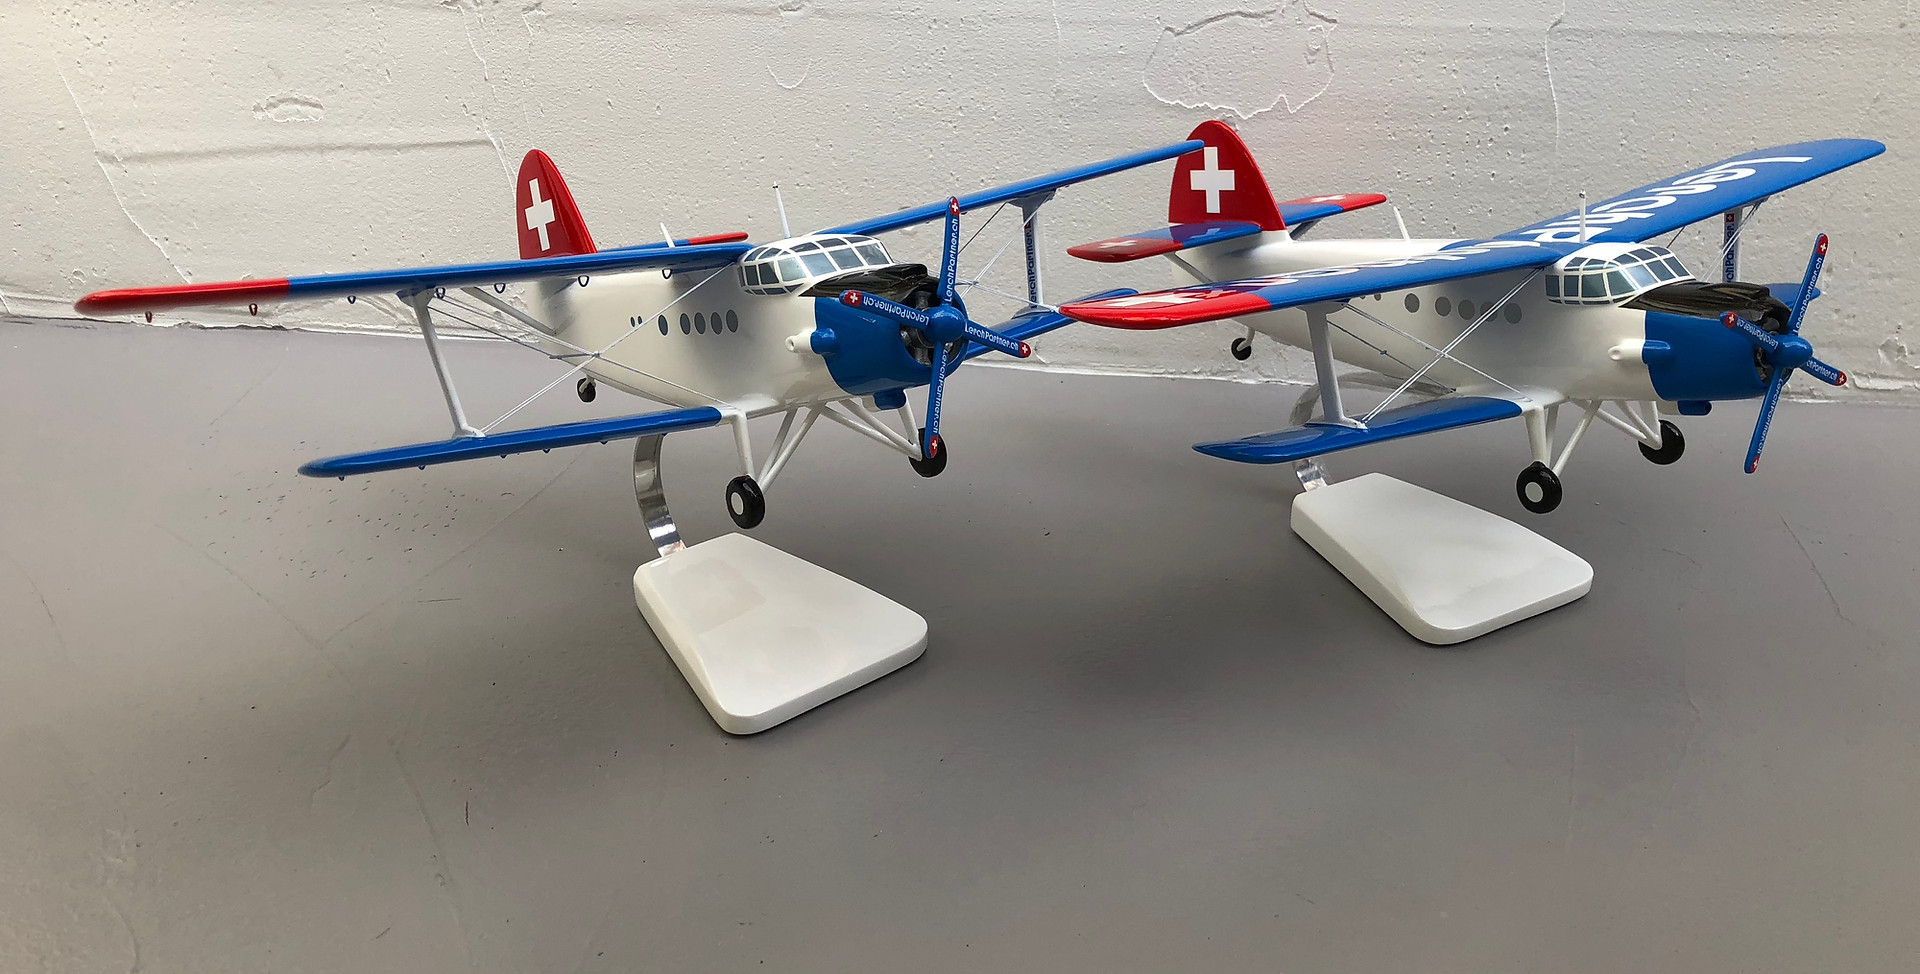 Modellflugzeug